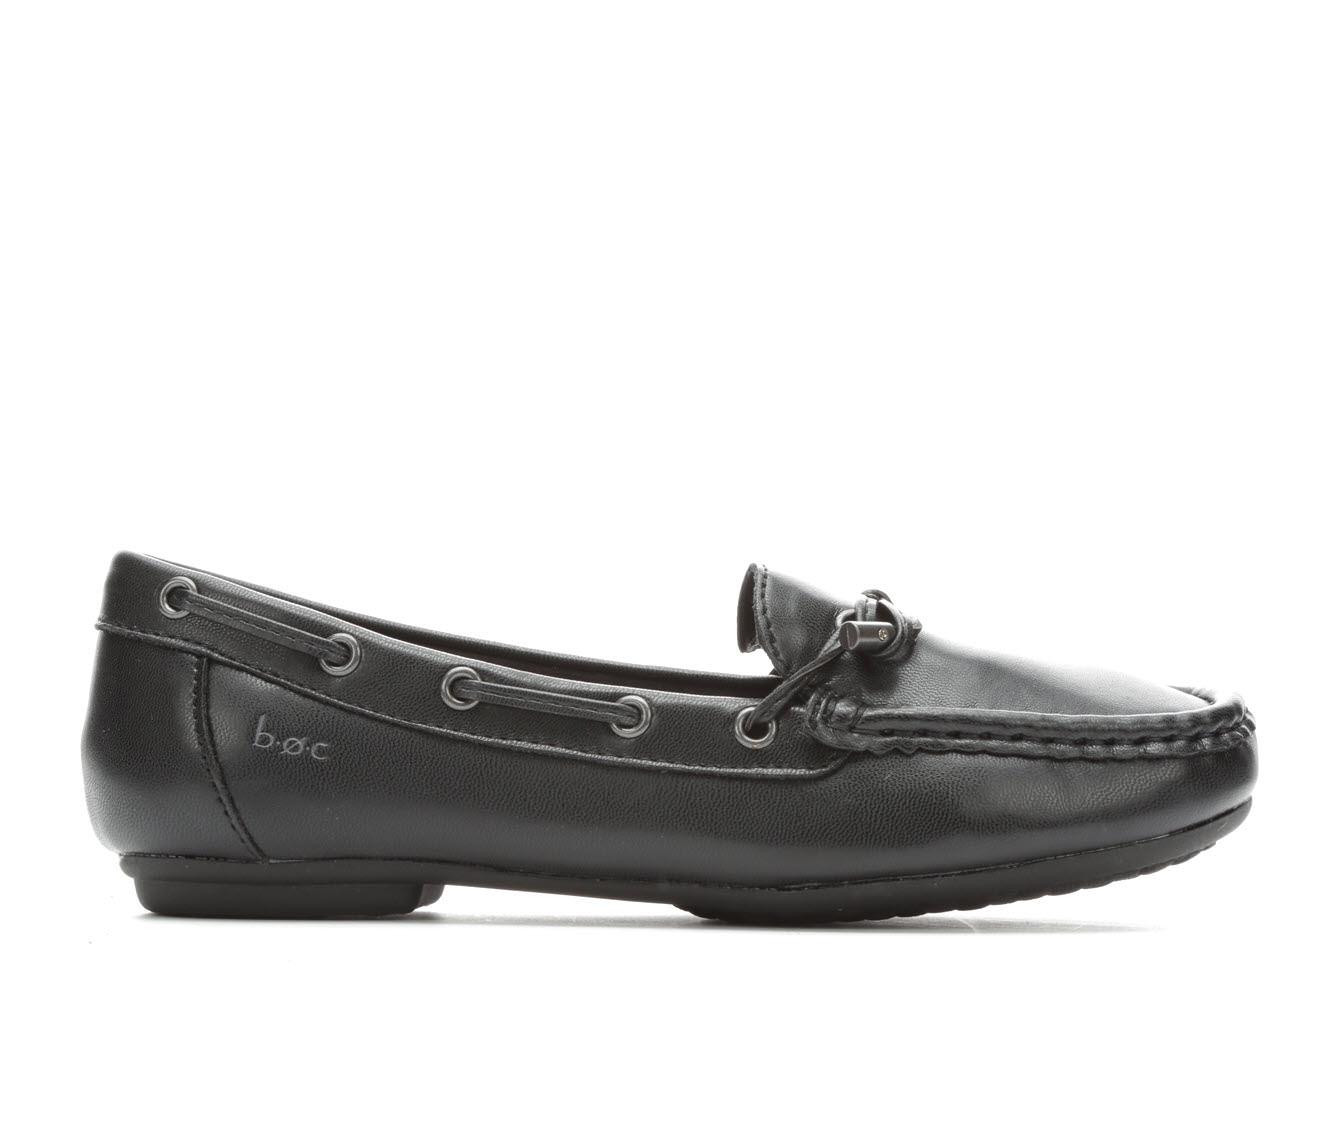 B.O.C. Carolann Women's Shoe (Black Faux Leather)